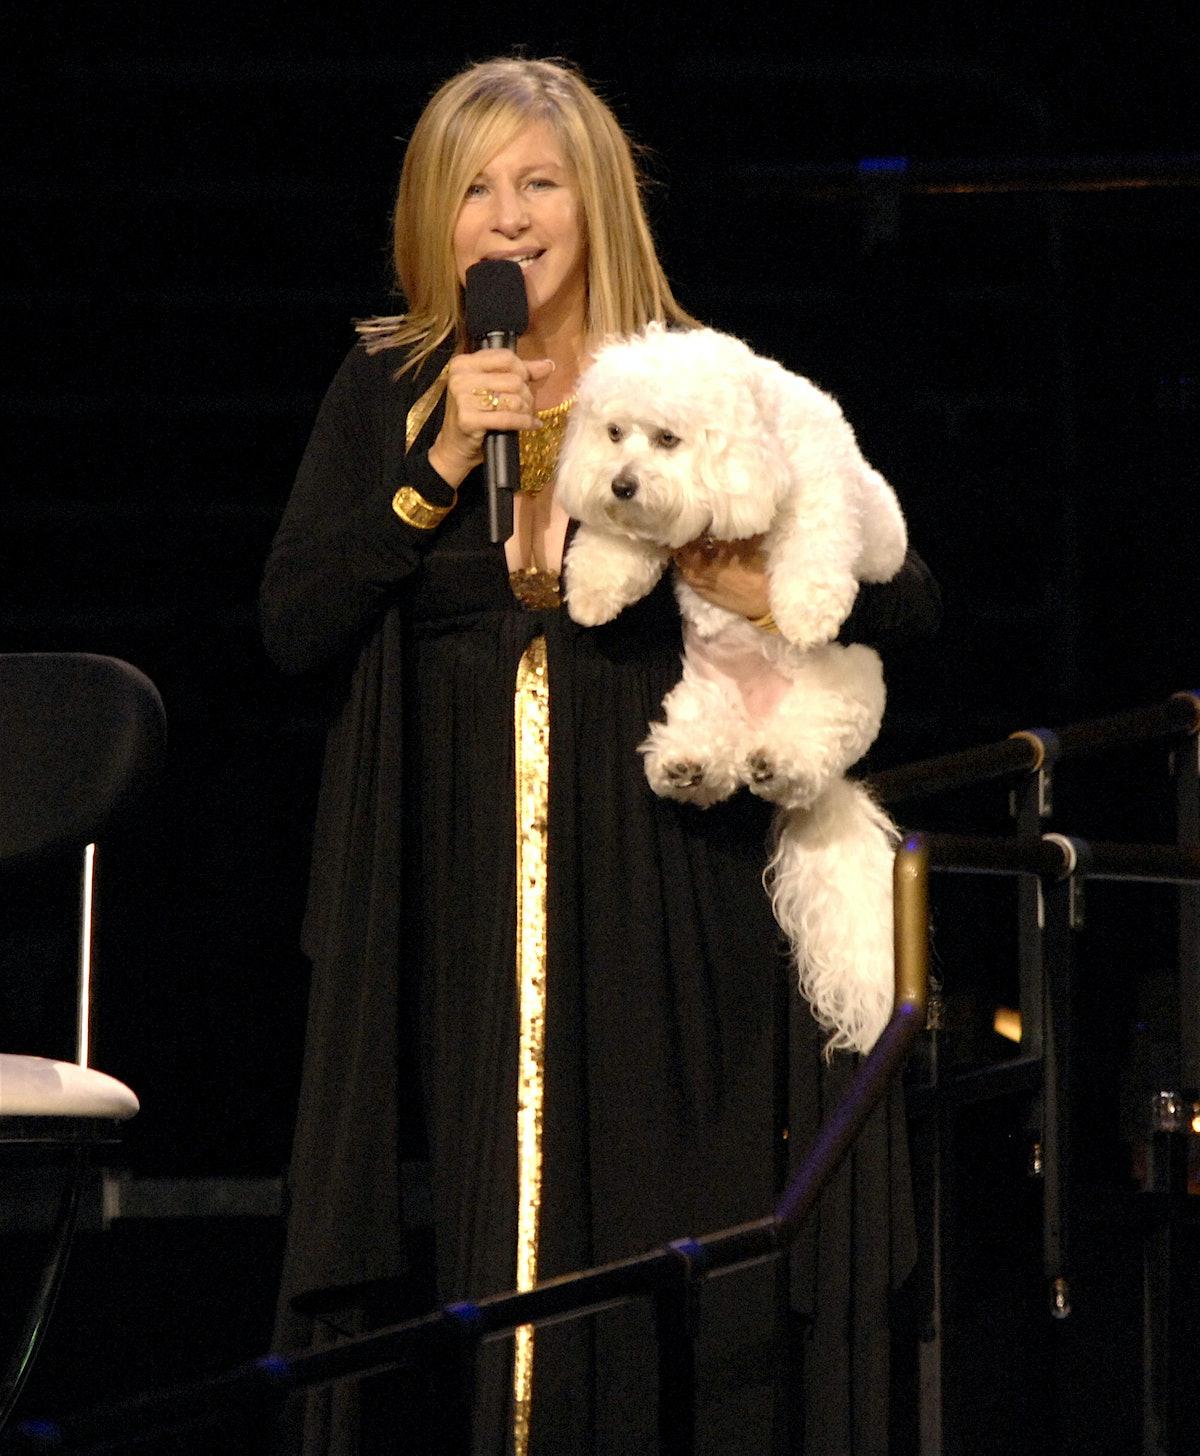 Barbra Streisand Tour Opener - October 4, 2006